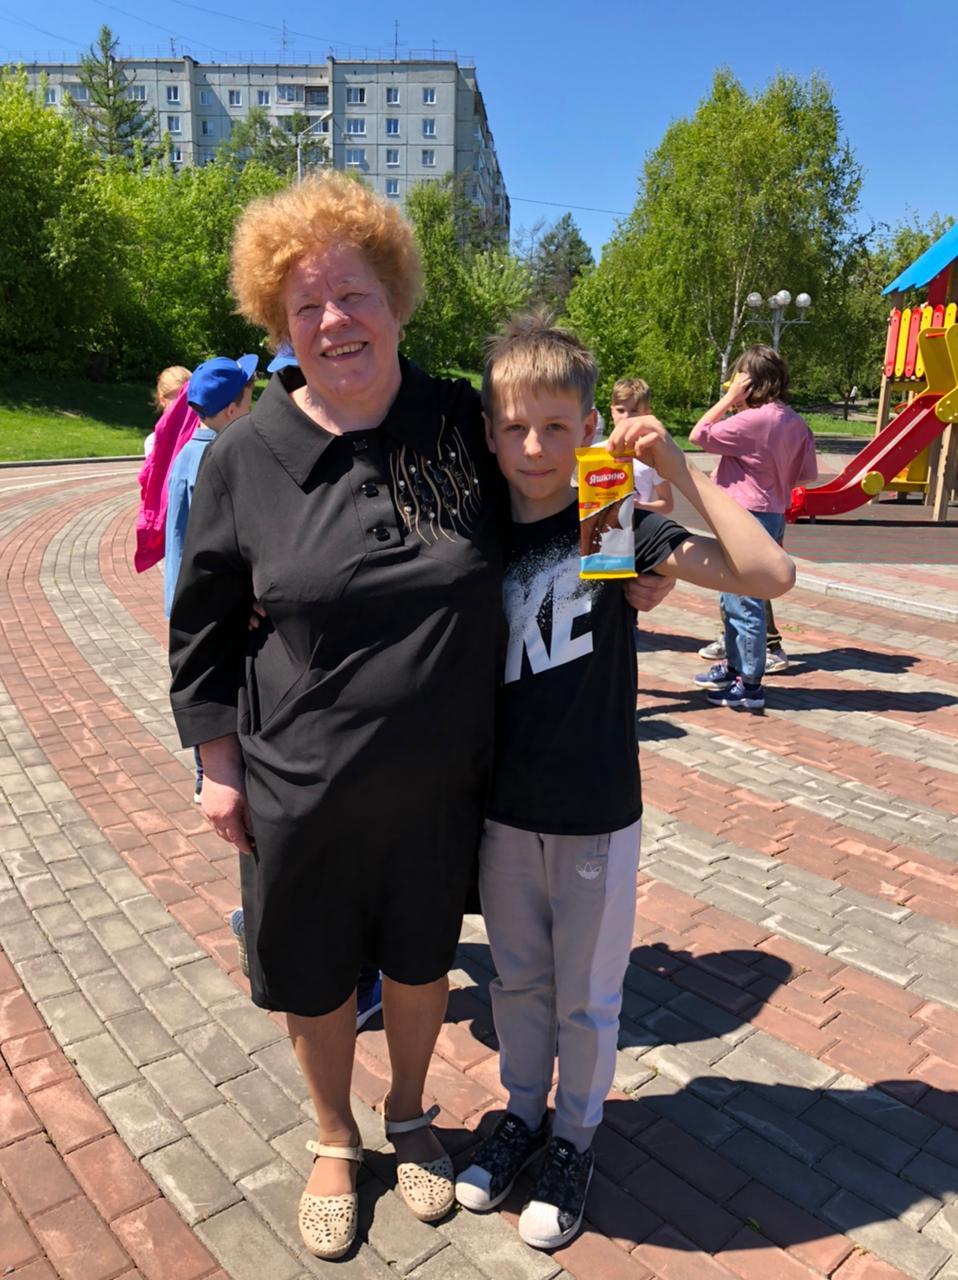 Валентина Прудкова приняла участие в спортивном детском празднике в Центральном районе Красноярска